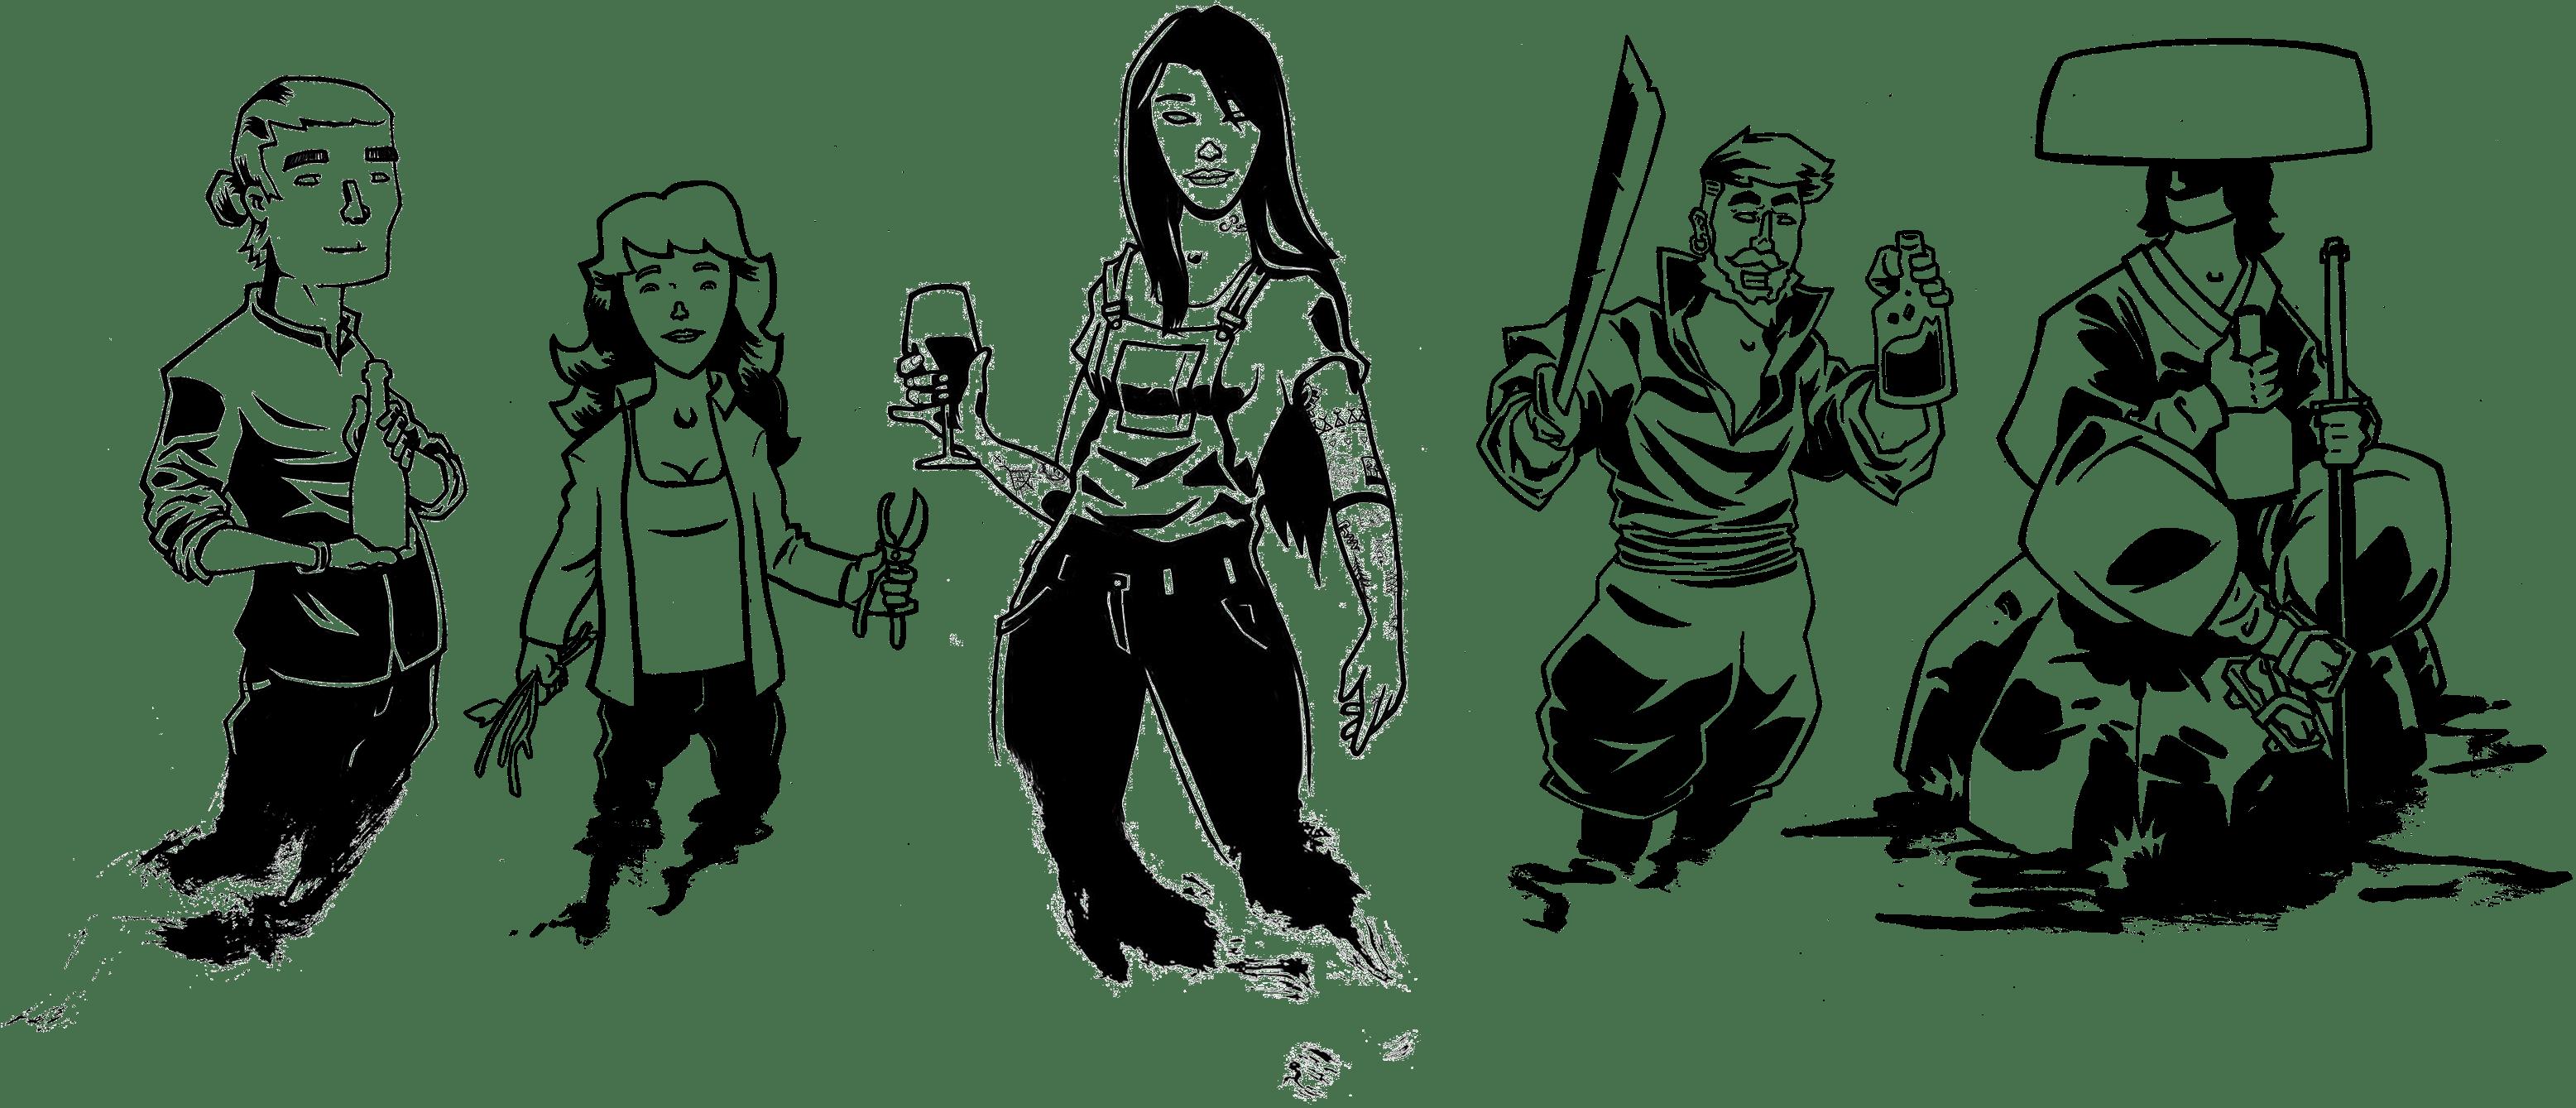 Illustration représentant de gauche à droite : un sommelier, une vigneronne, une sommellière, un pirate et un samouraï.